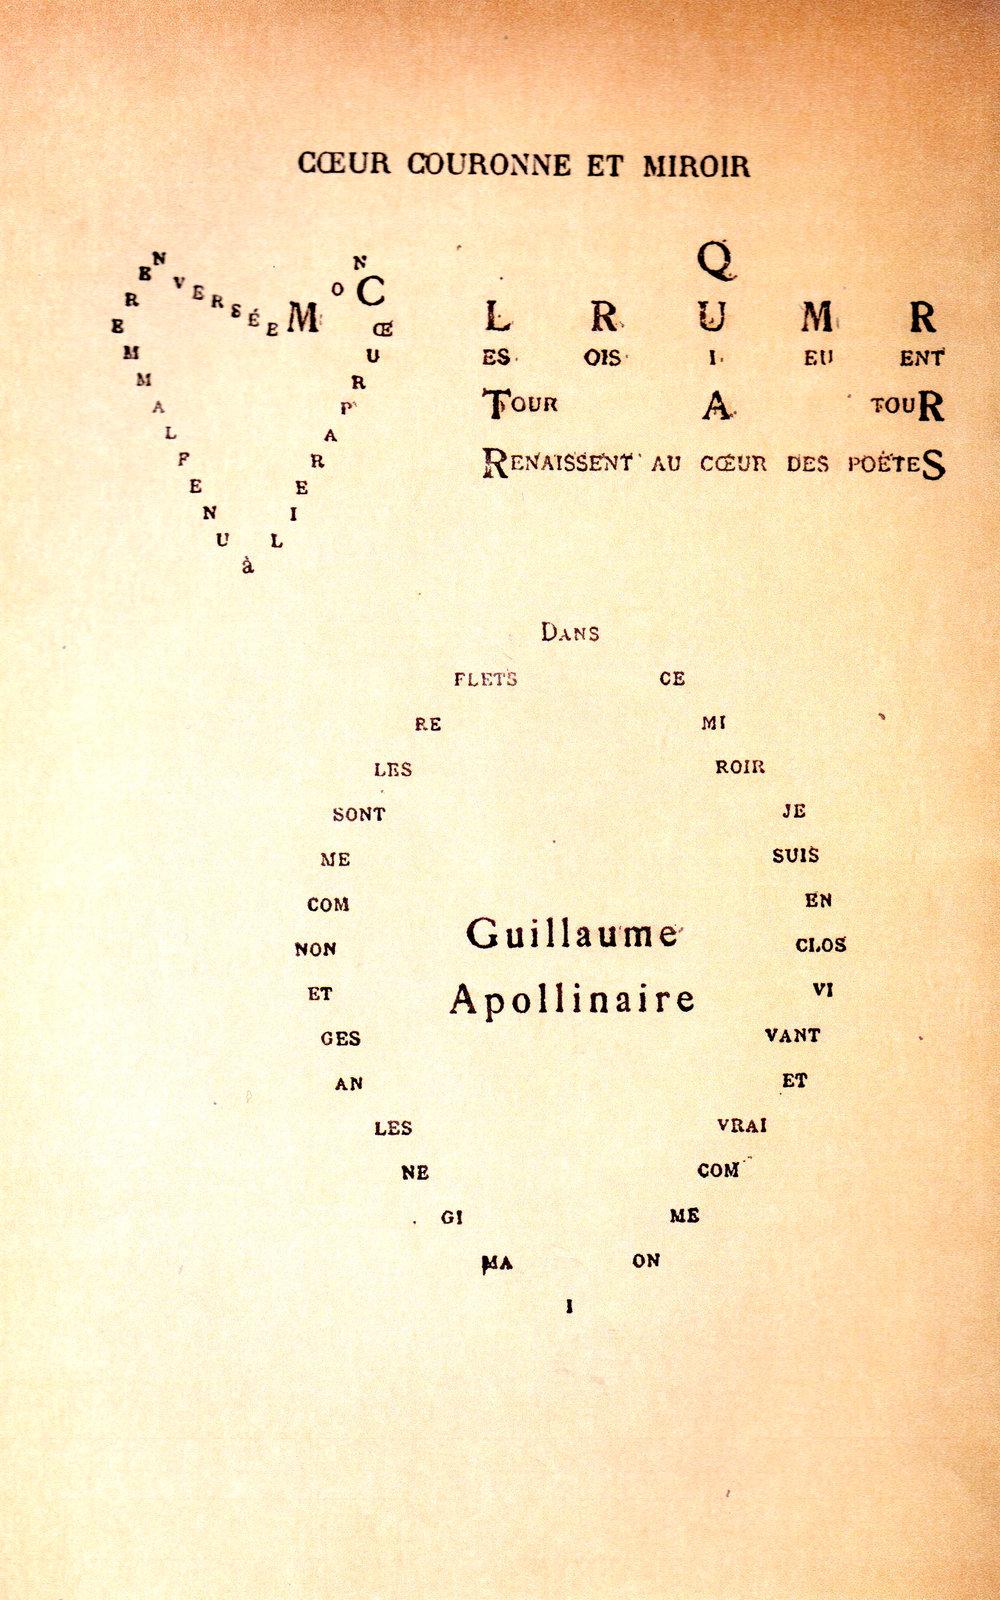 Figure 8   Ceur couronne et mir  Guillaume Apollinaire